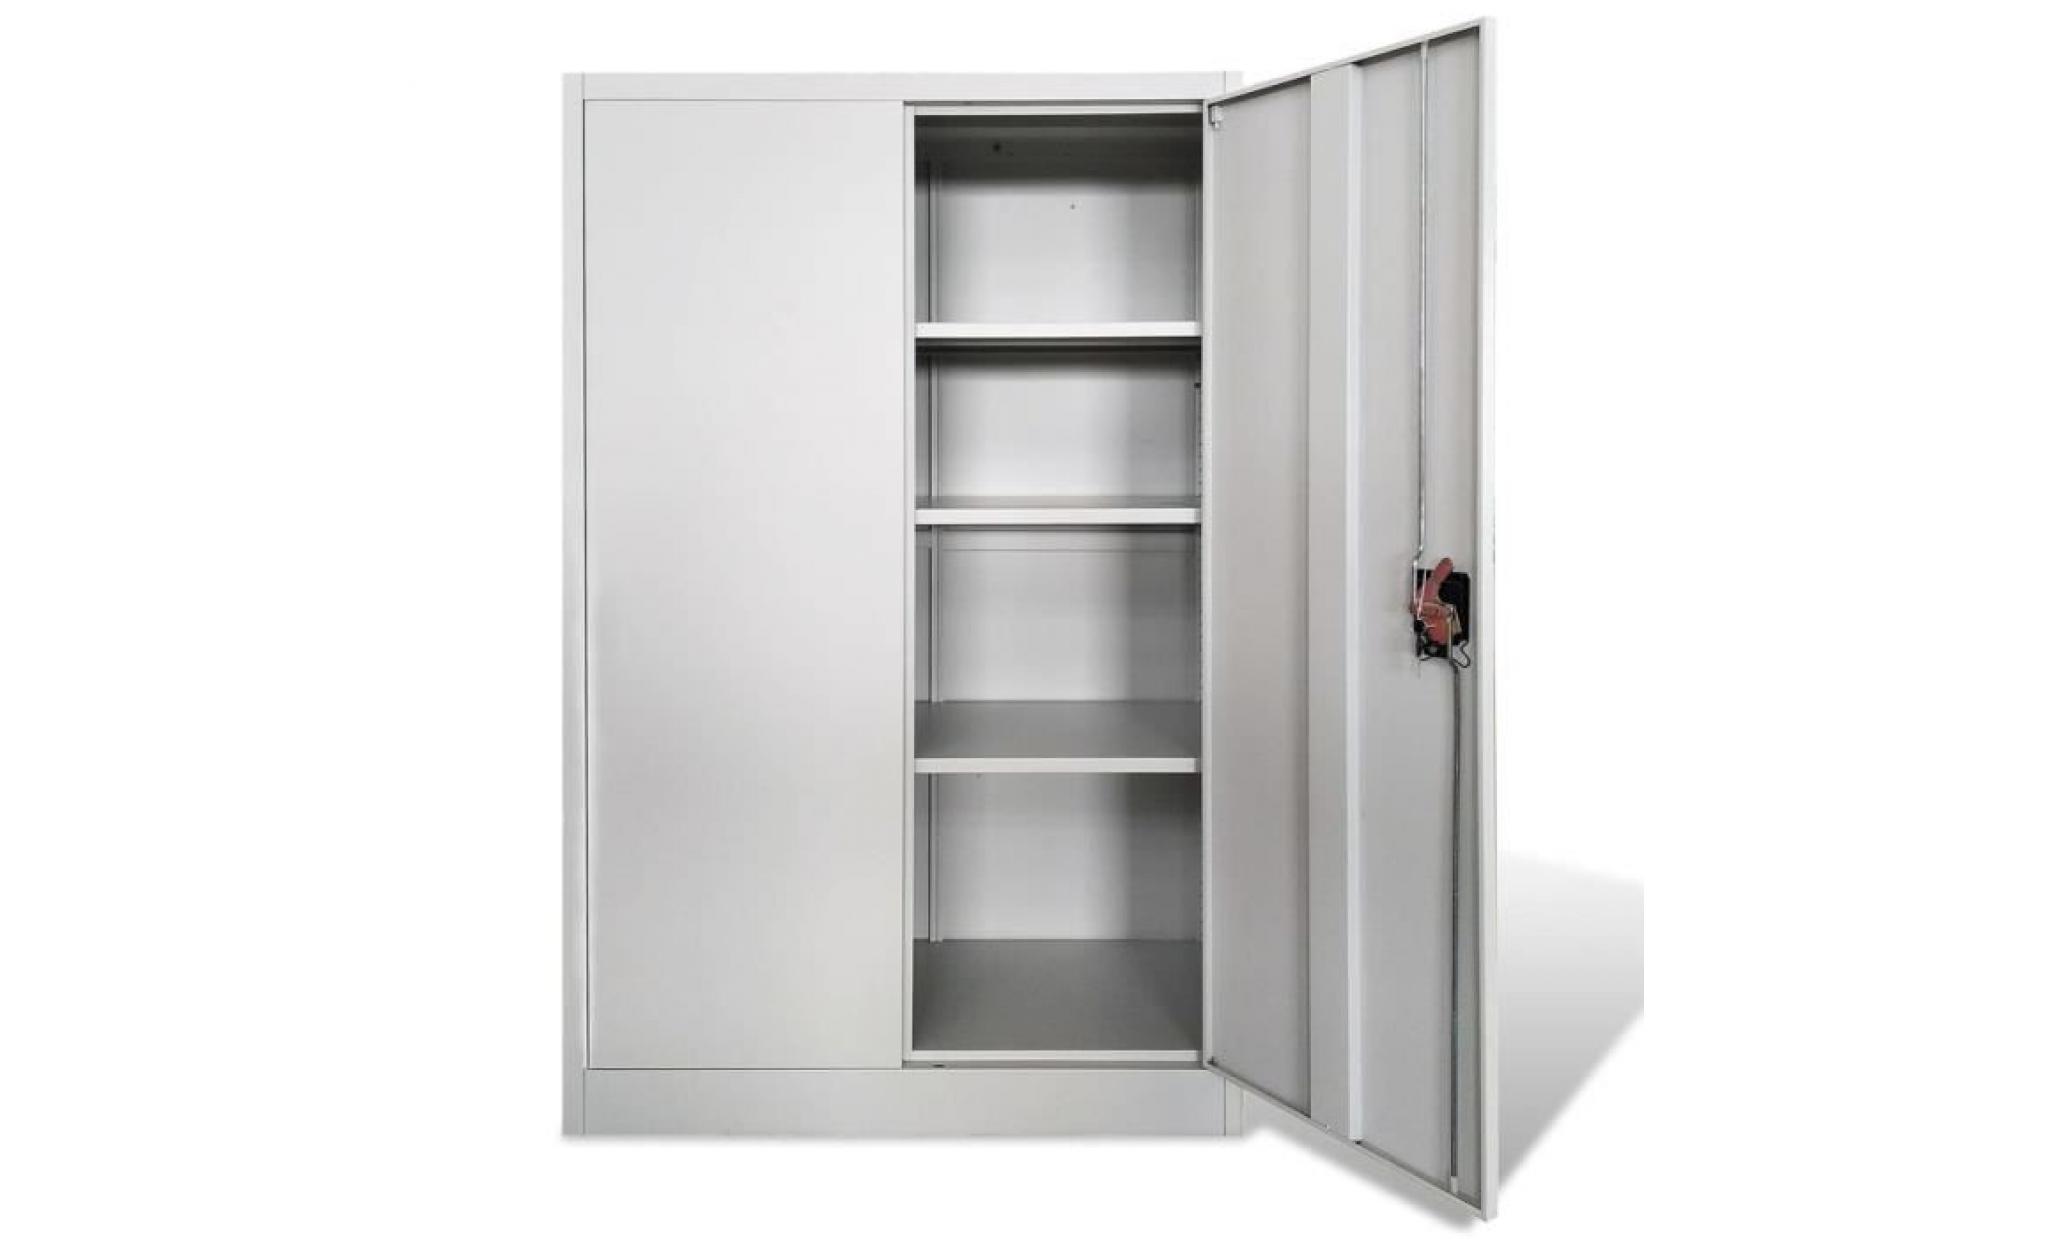 armoire de bureau acier gris armoire chambre armoire penderie armoire de  chambre contemporain